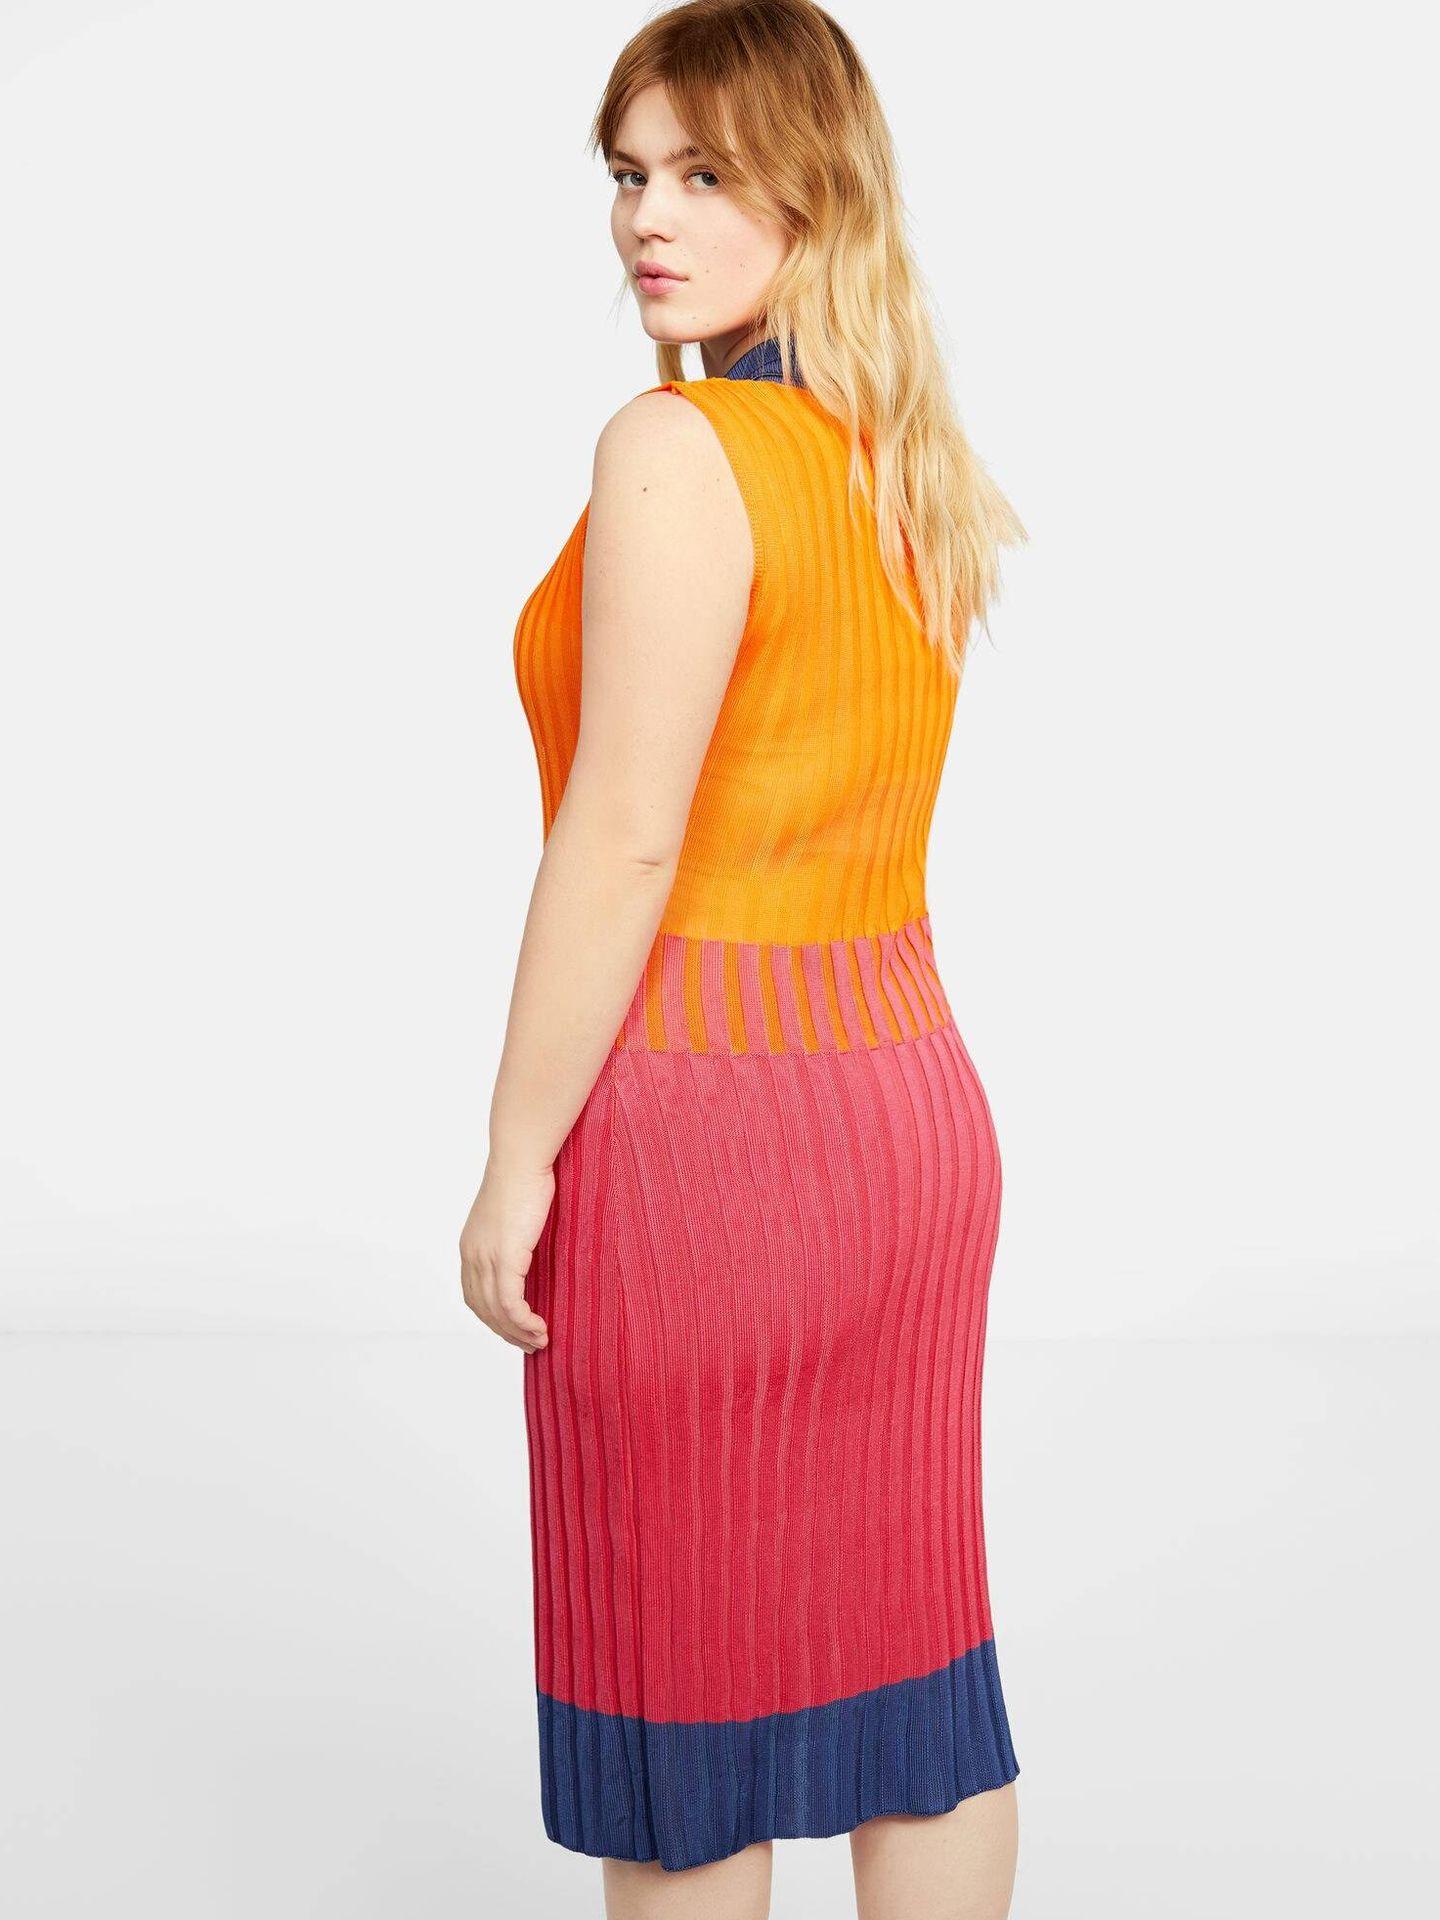 Vestido de Violeta en Mango Outlet. (Cortesía)